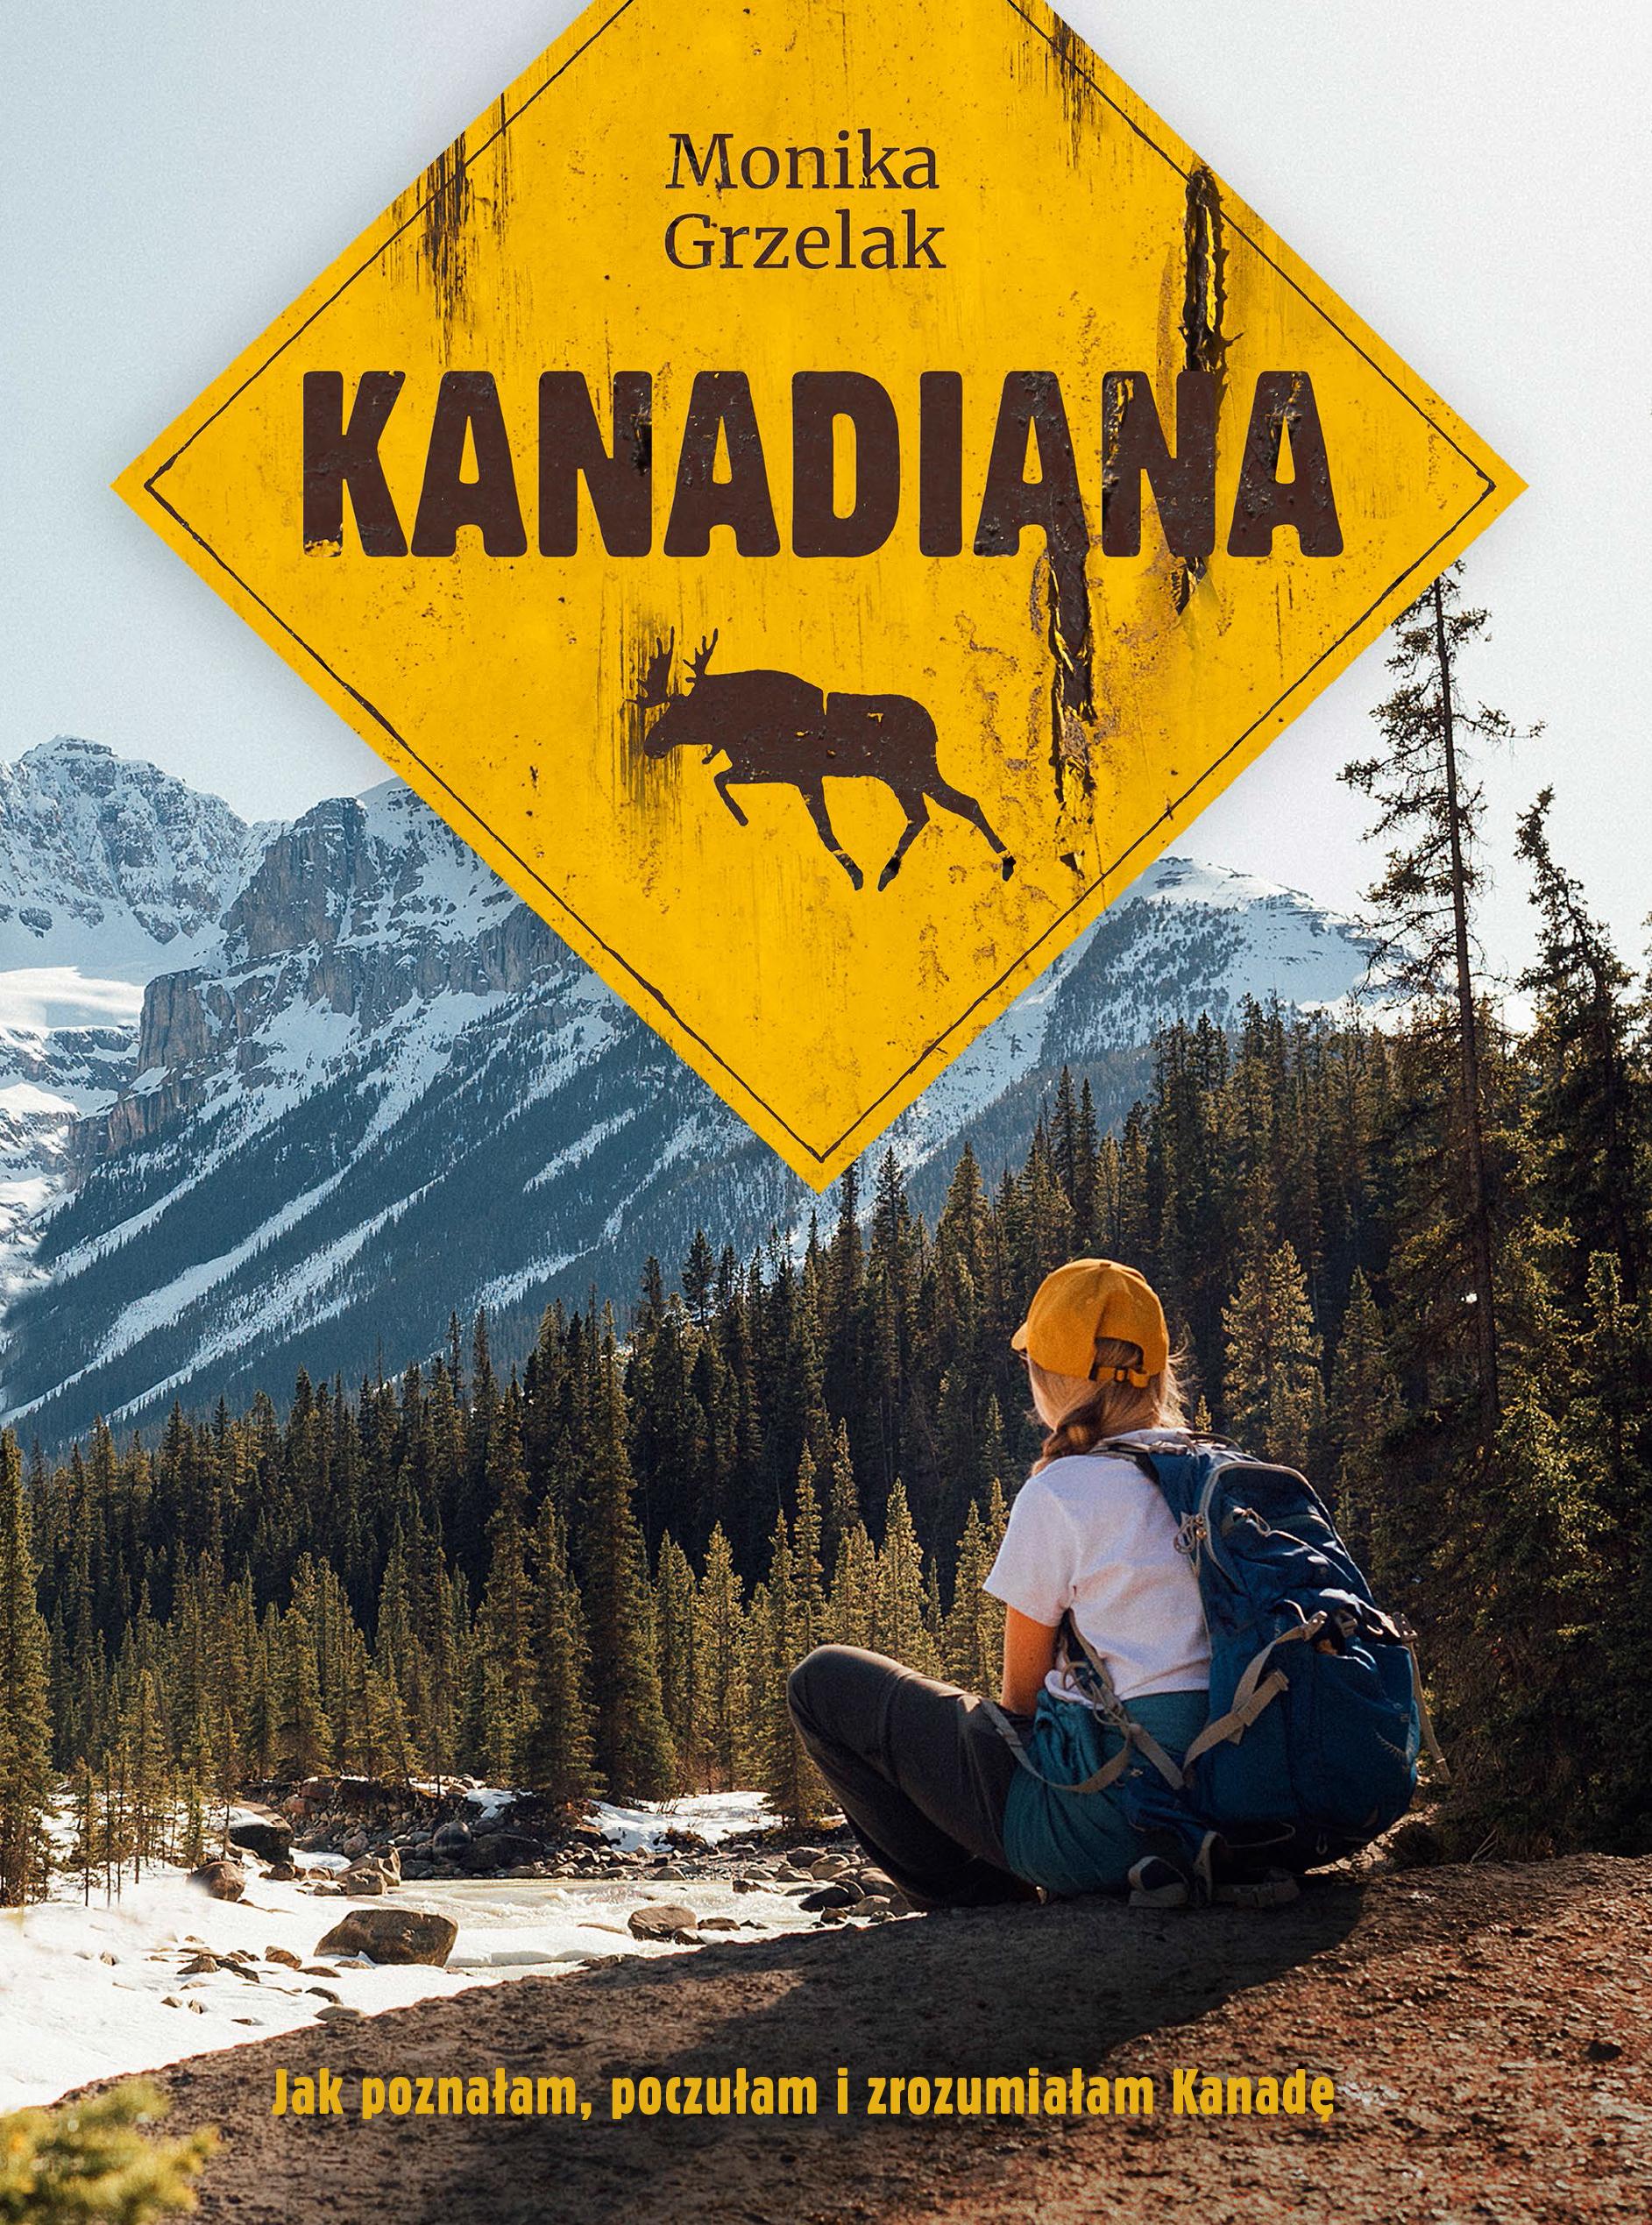 Kanadiana